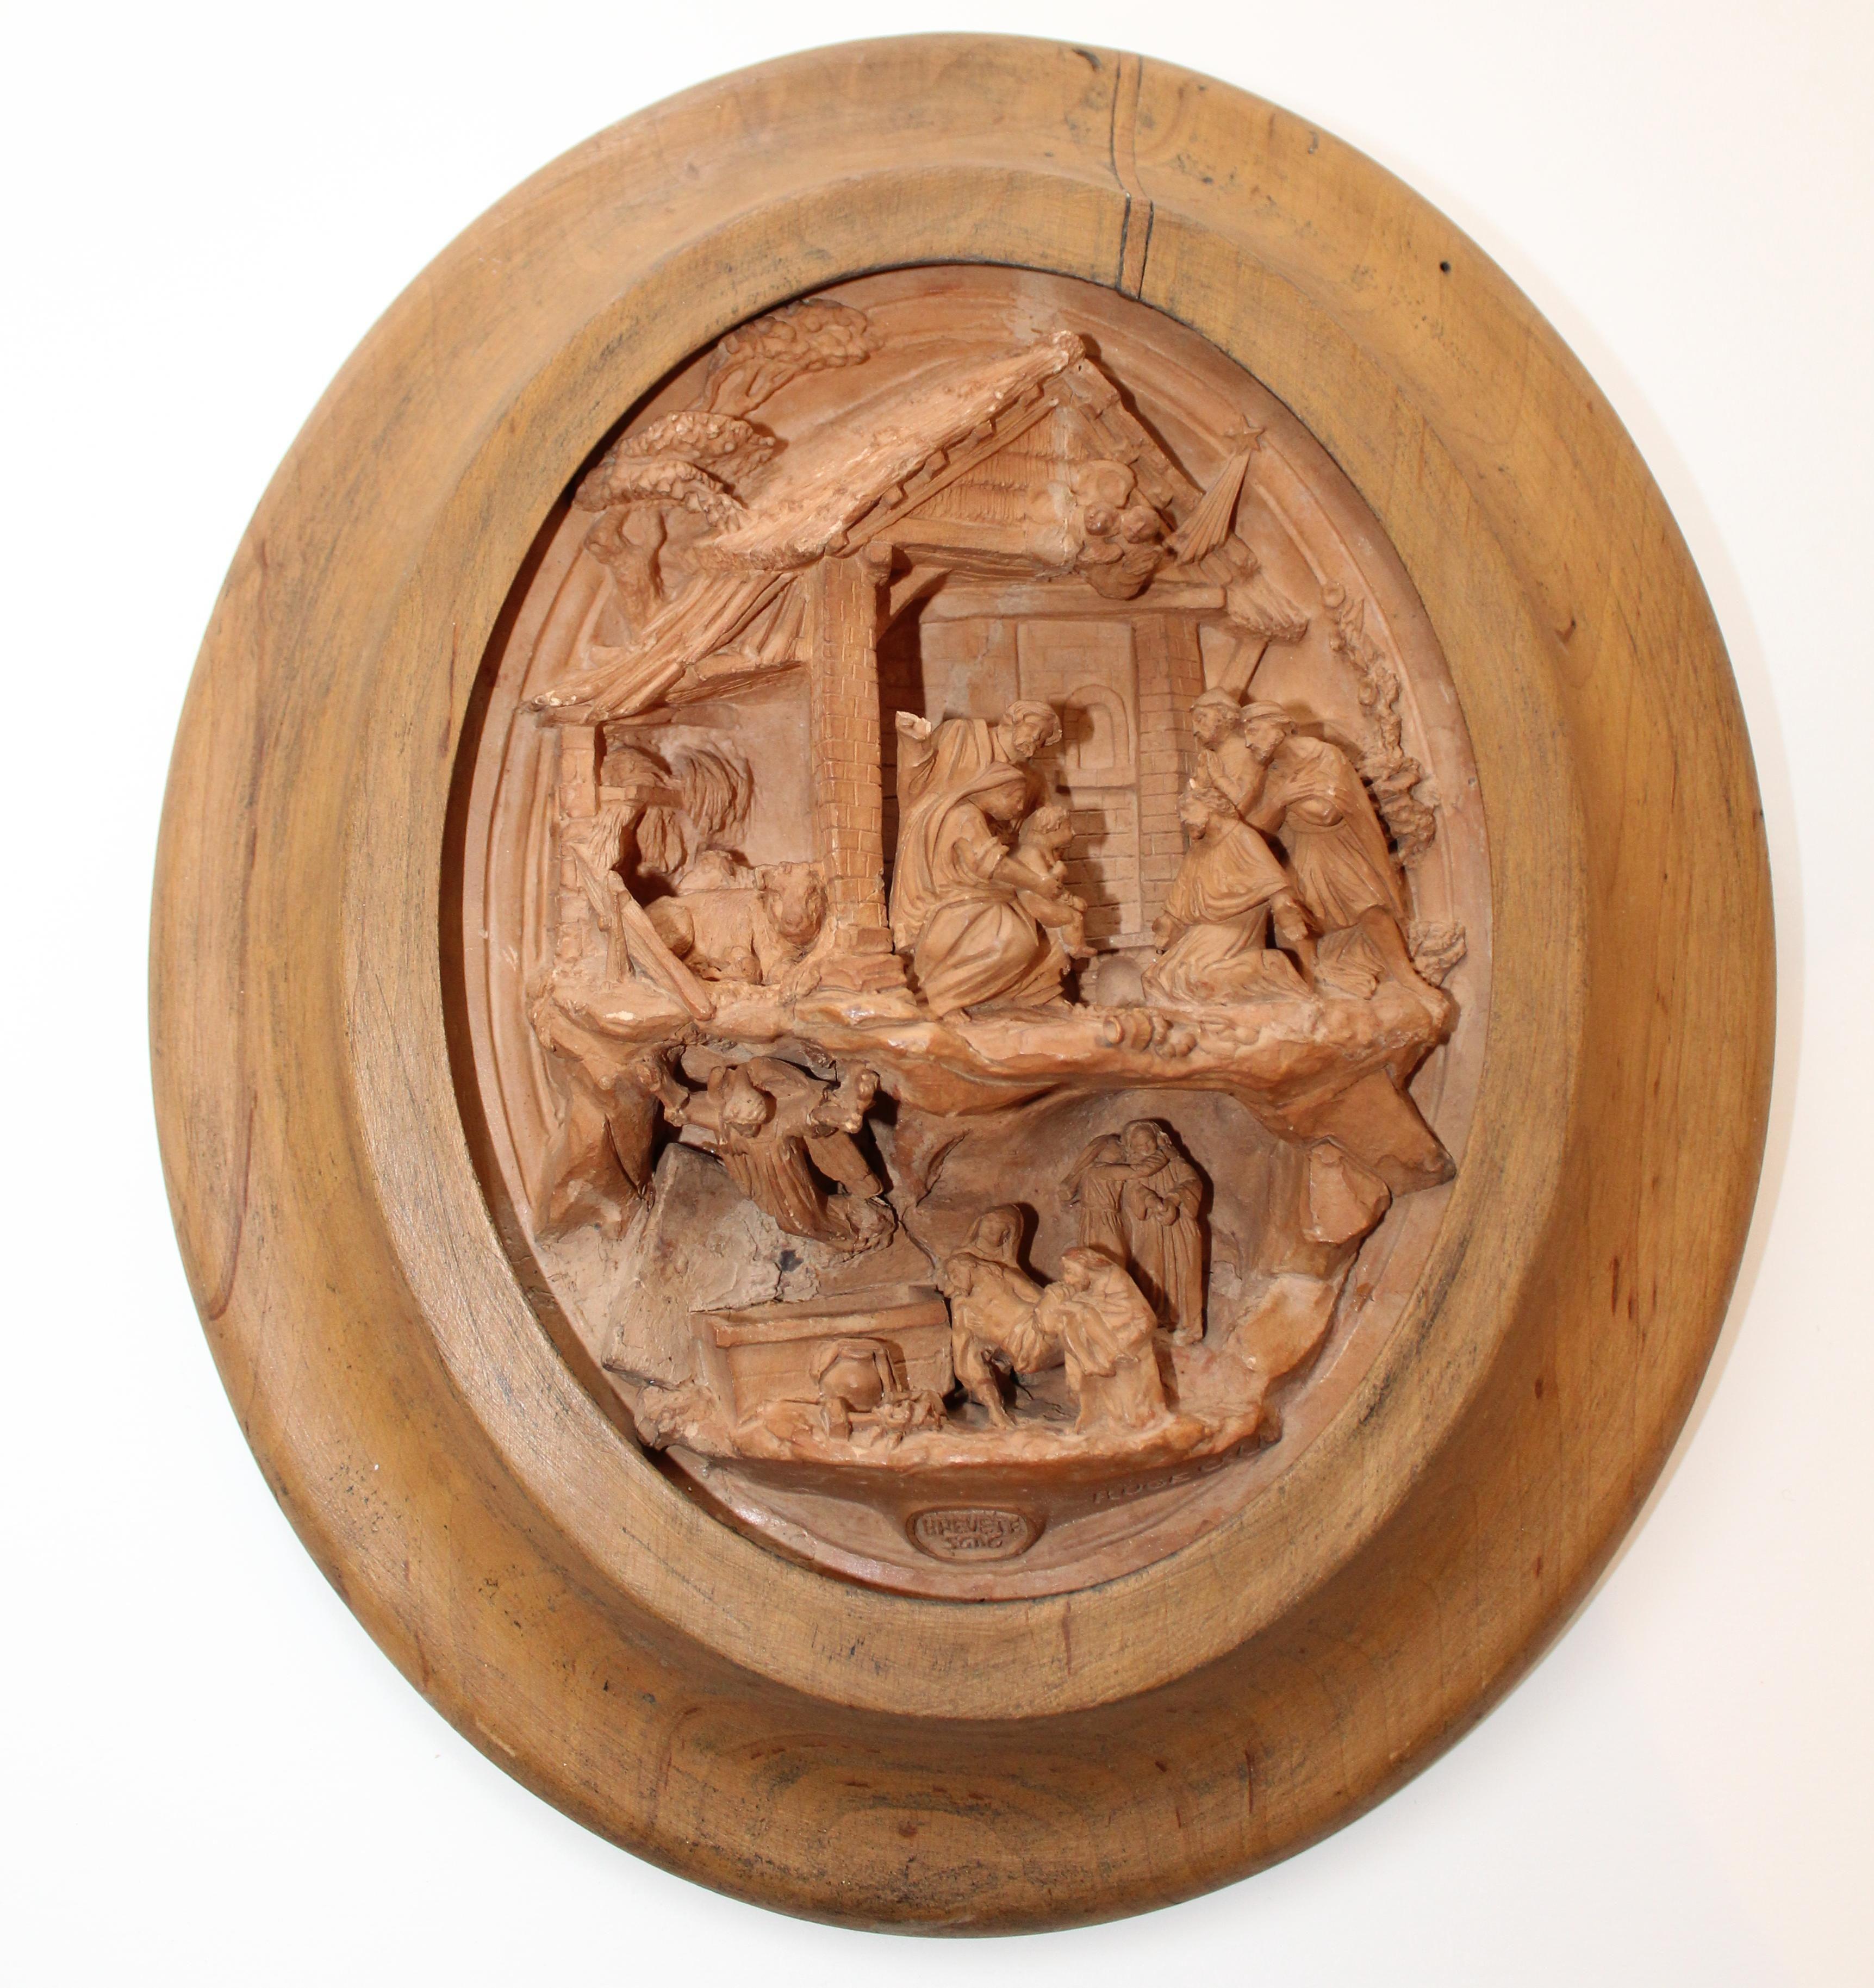 Nacimiento de Madera de nogal, barro modelado y cocido/MNAD